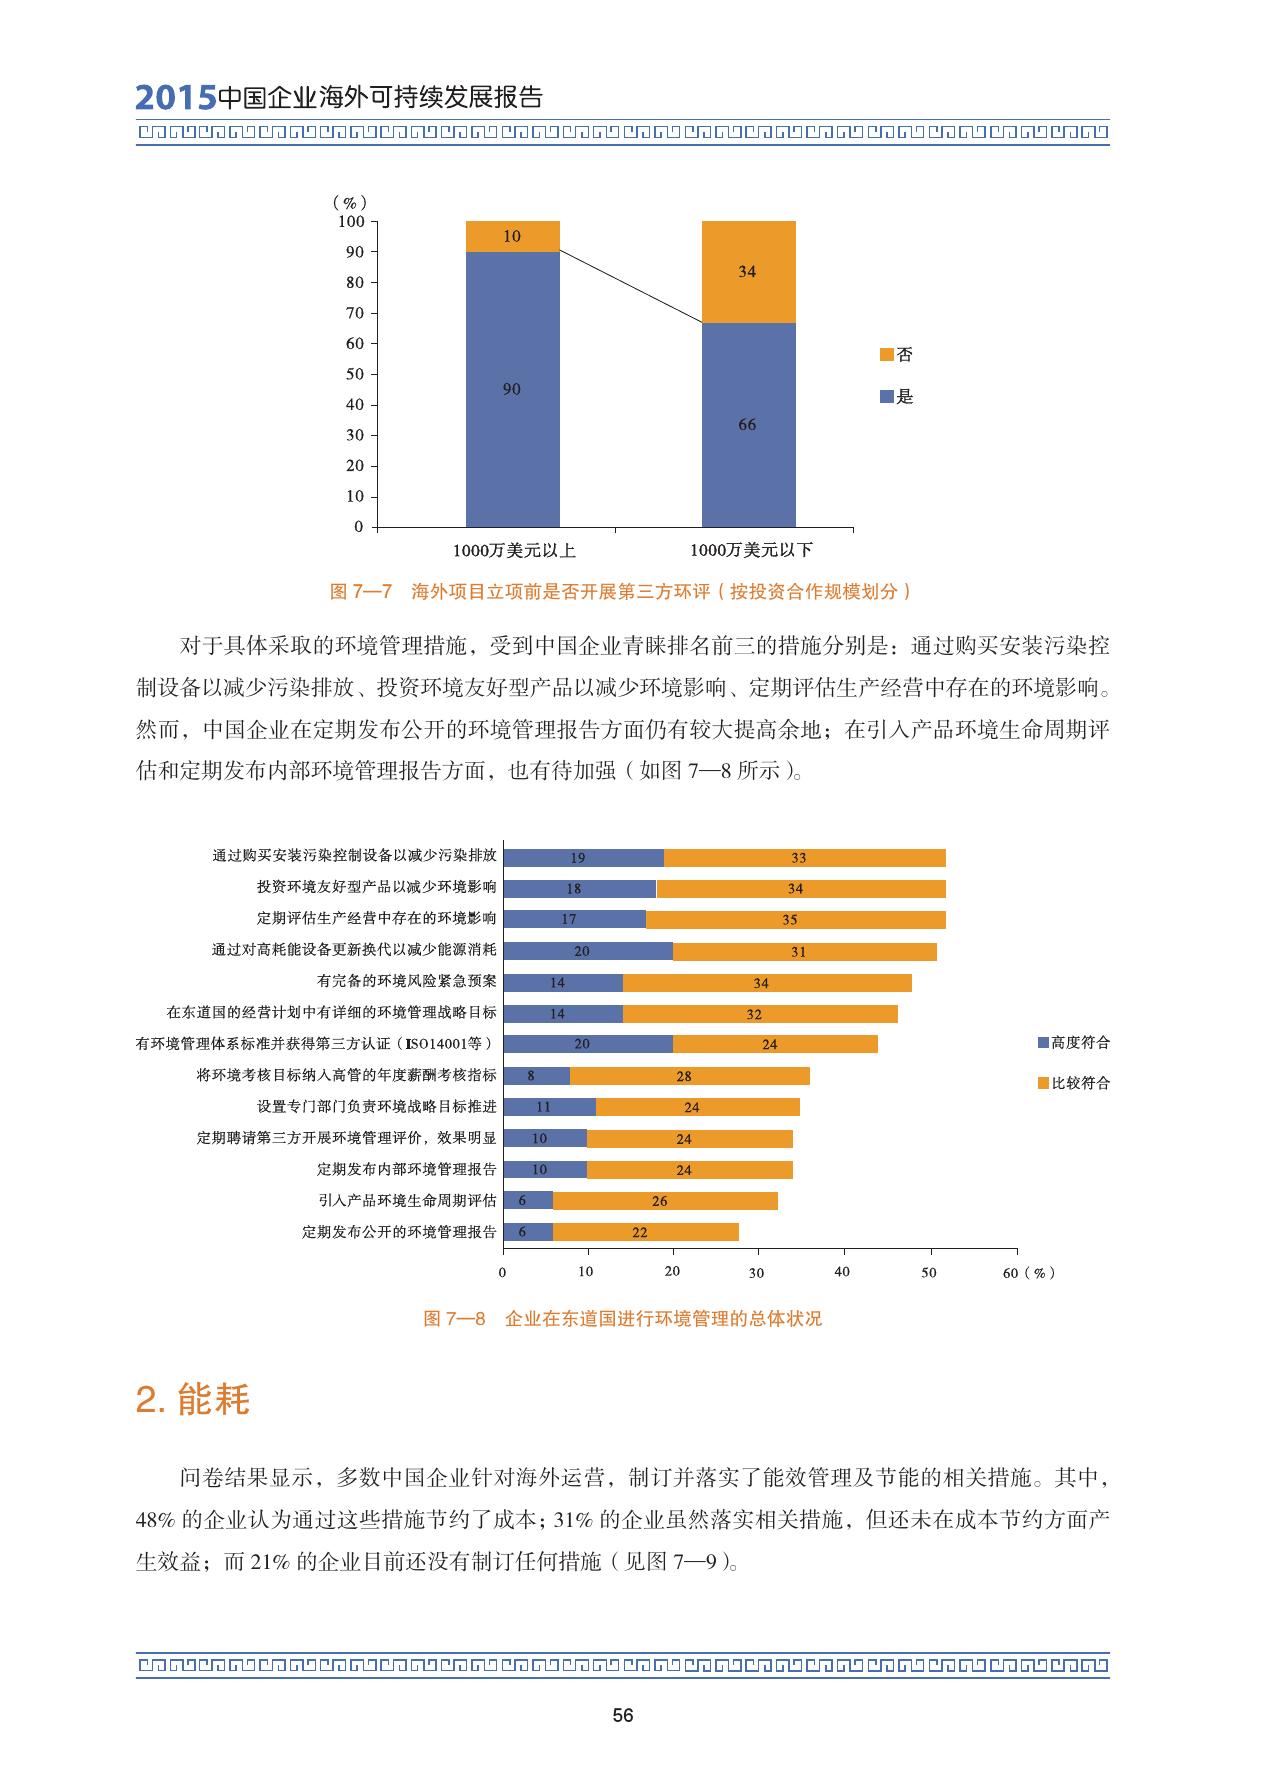 2015中国企业海外可持续发展报告_000070